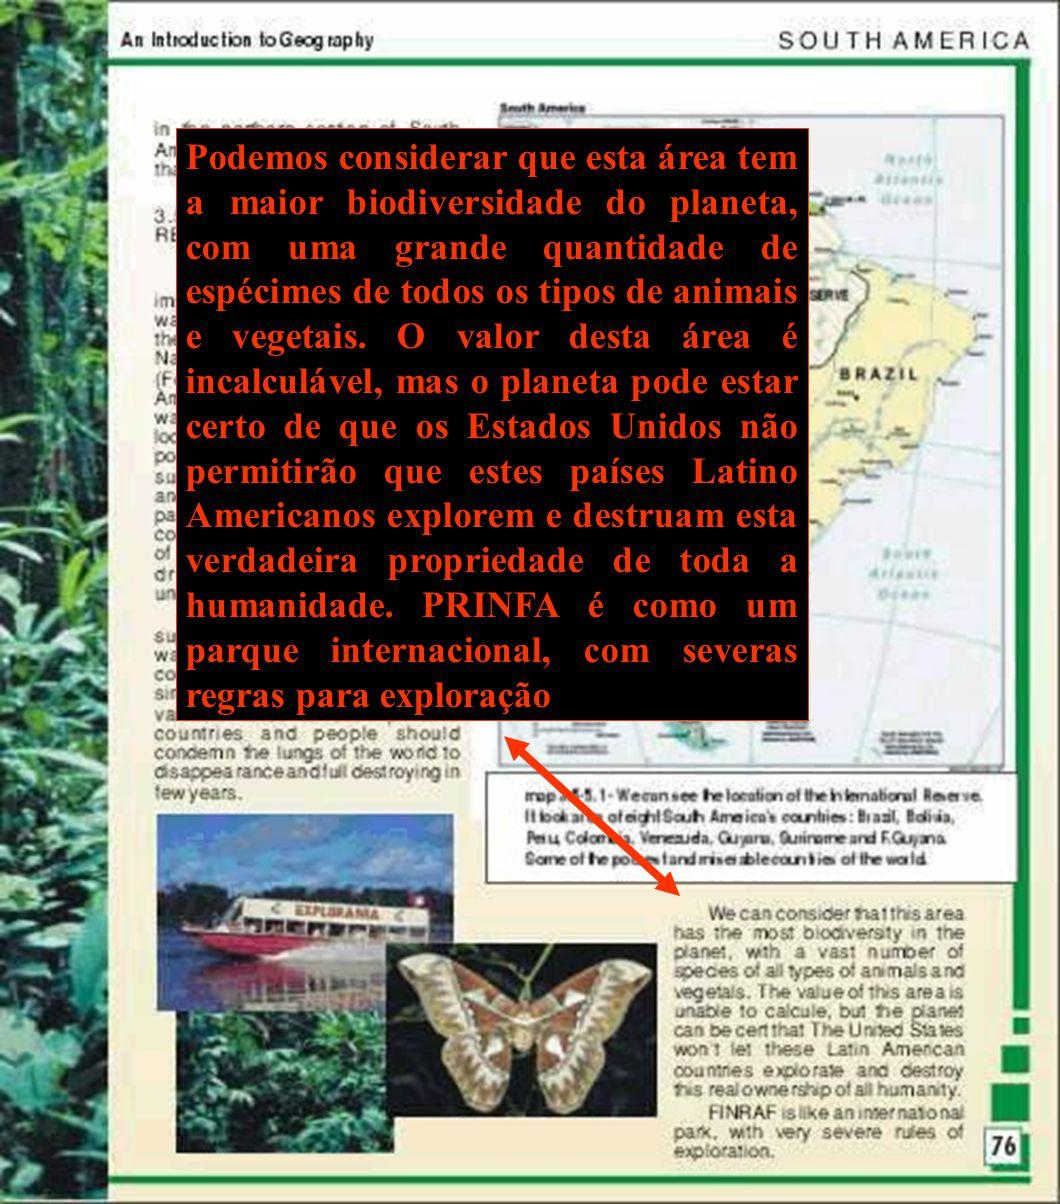 Podemos considerar que esta área tem a maior biodiversidade do planeta, com uma grande quantidade de espécimes de todos os tipos de animais e vegetais.